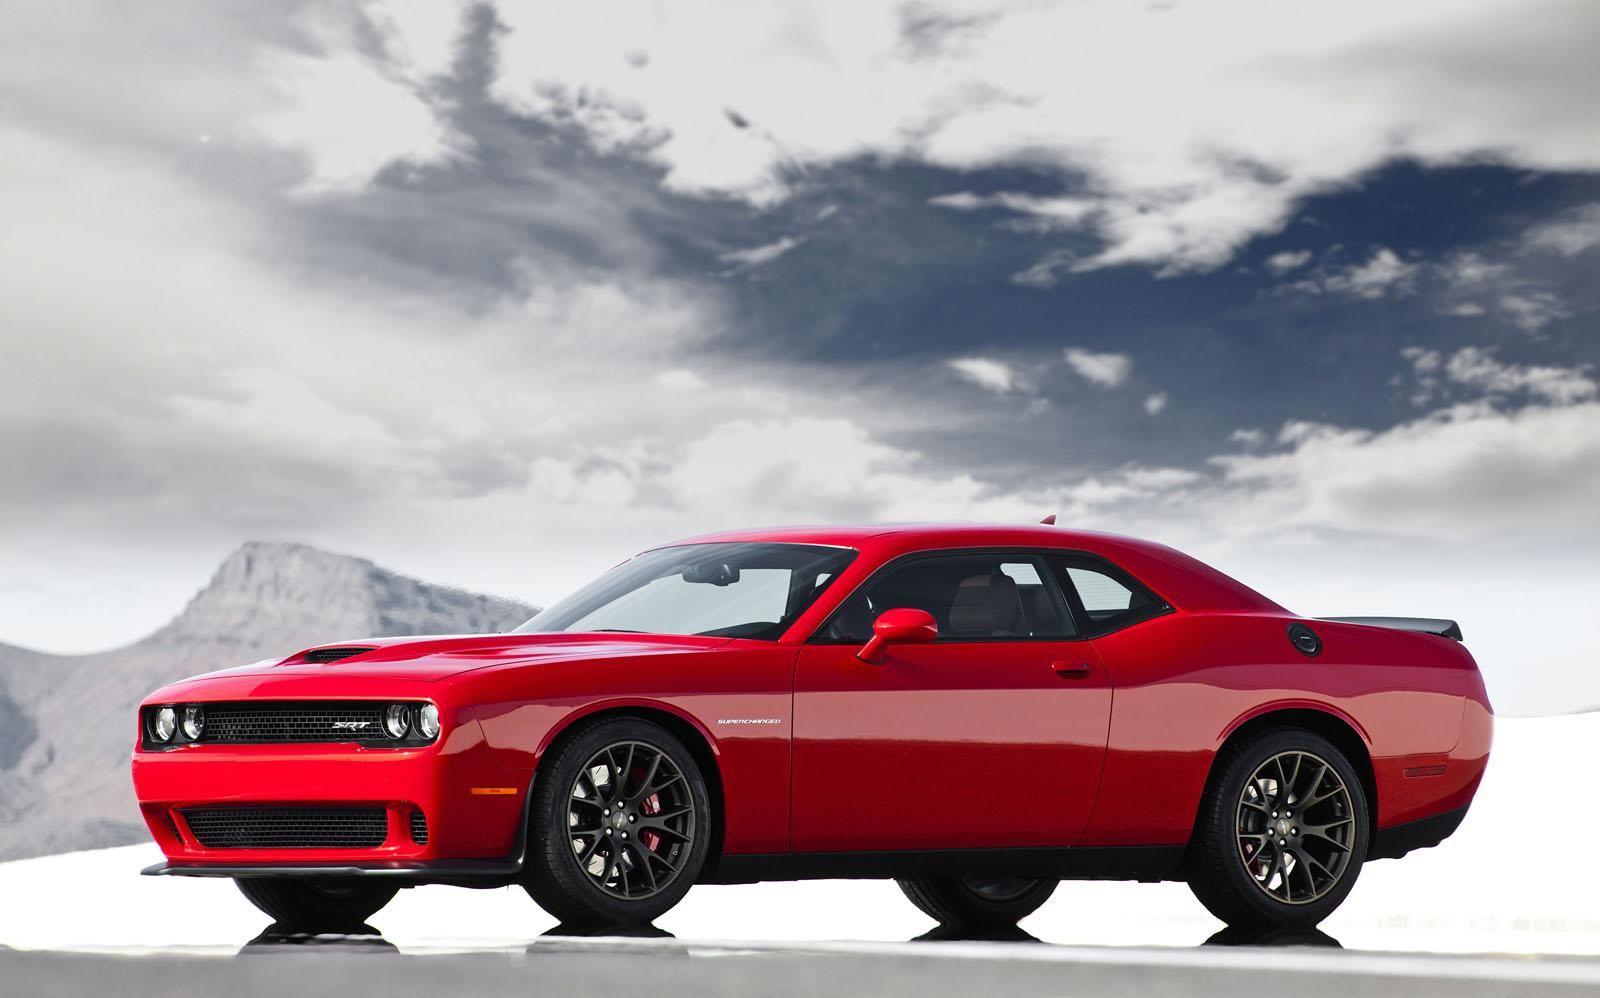 Challenger Hellcat | The 2015 Dodge Challenger SRT Hellcat has been ...